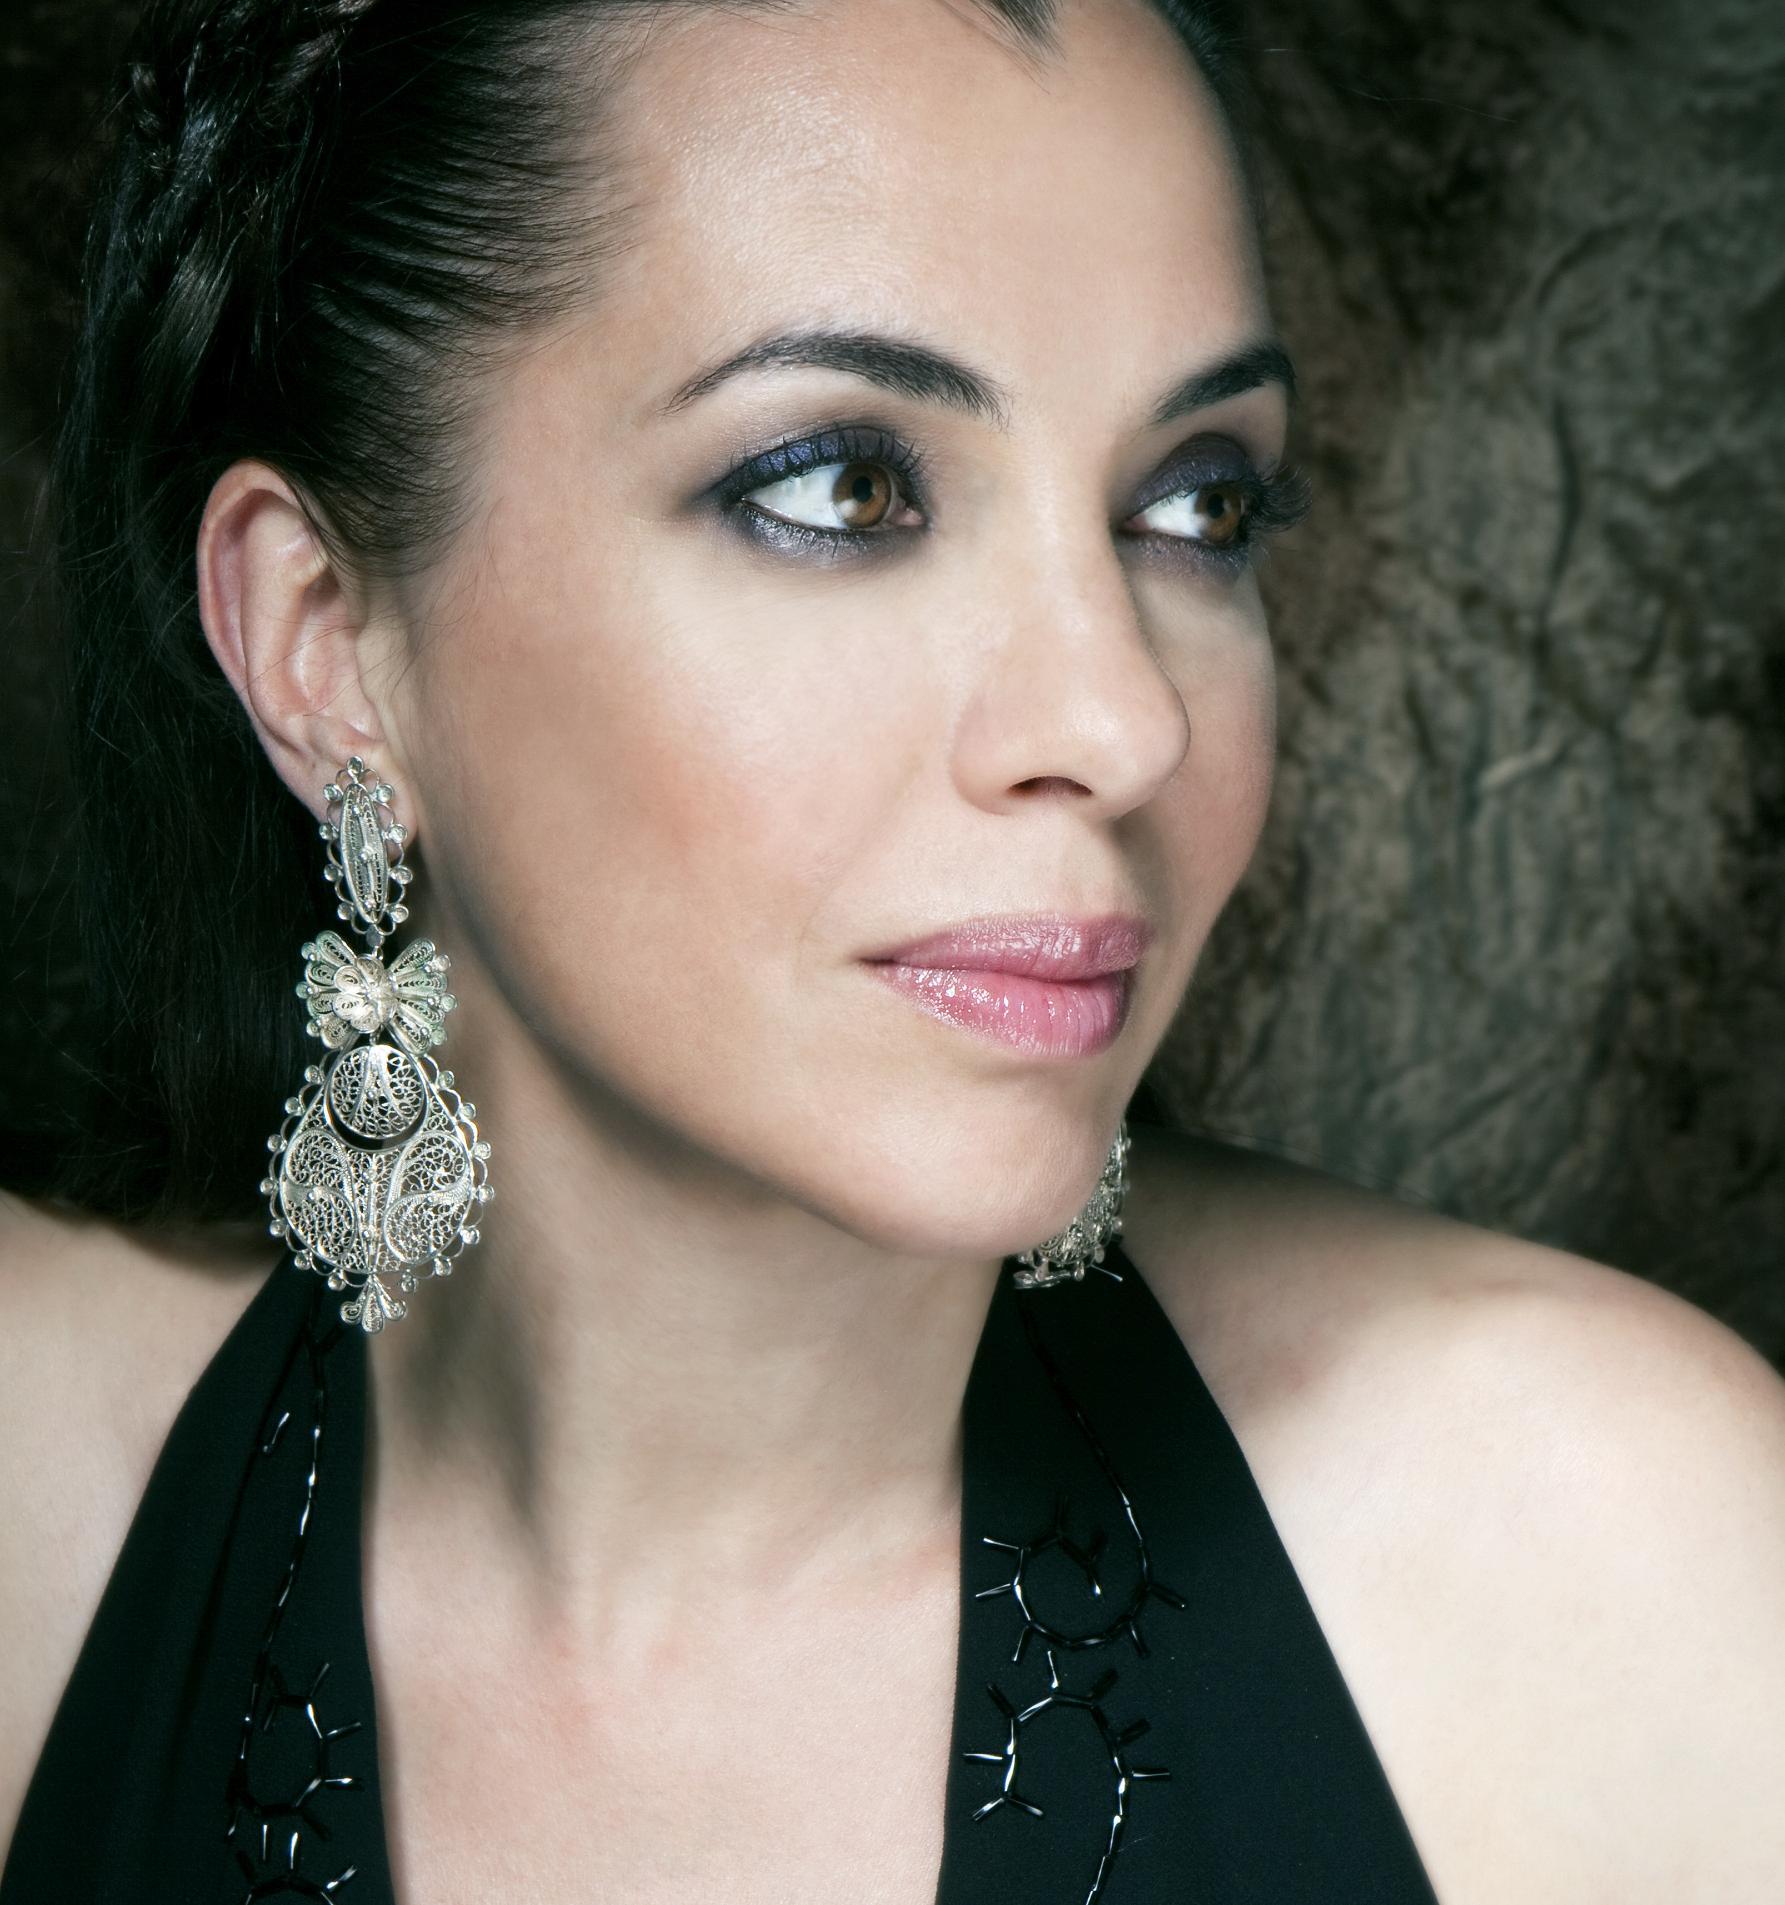 Transcendent vocals, Teresa Salgueiro of Madredeus.